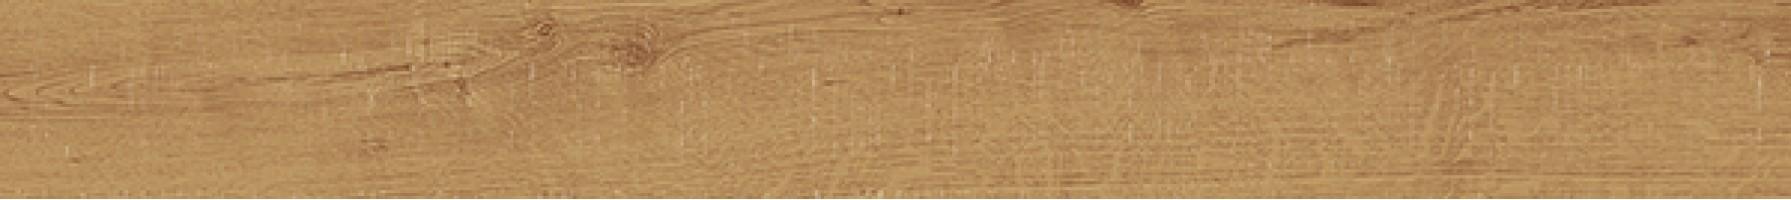 Керамогранит Porcelanosa Chelsea Camel 19.3x180 P16700011